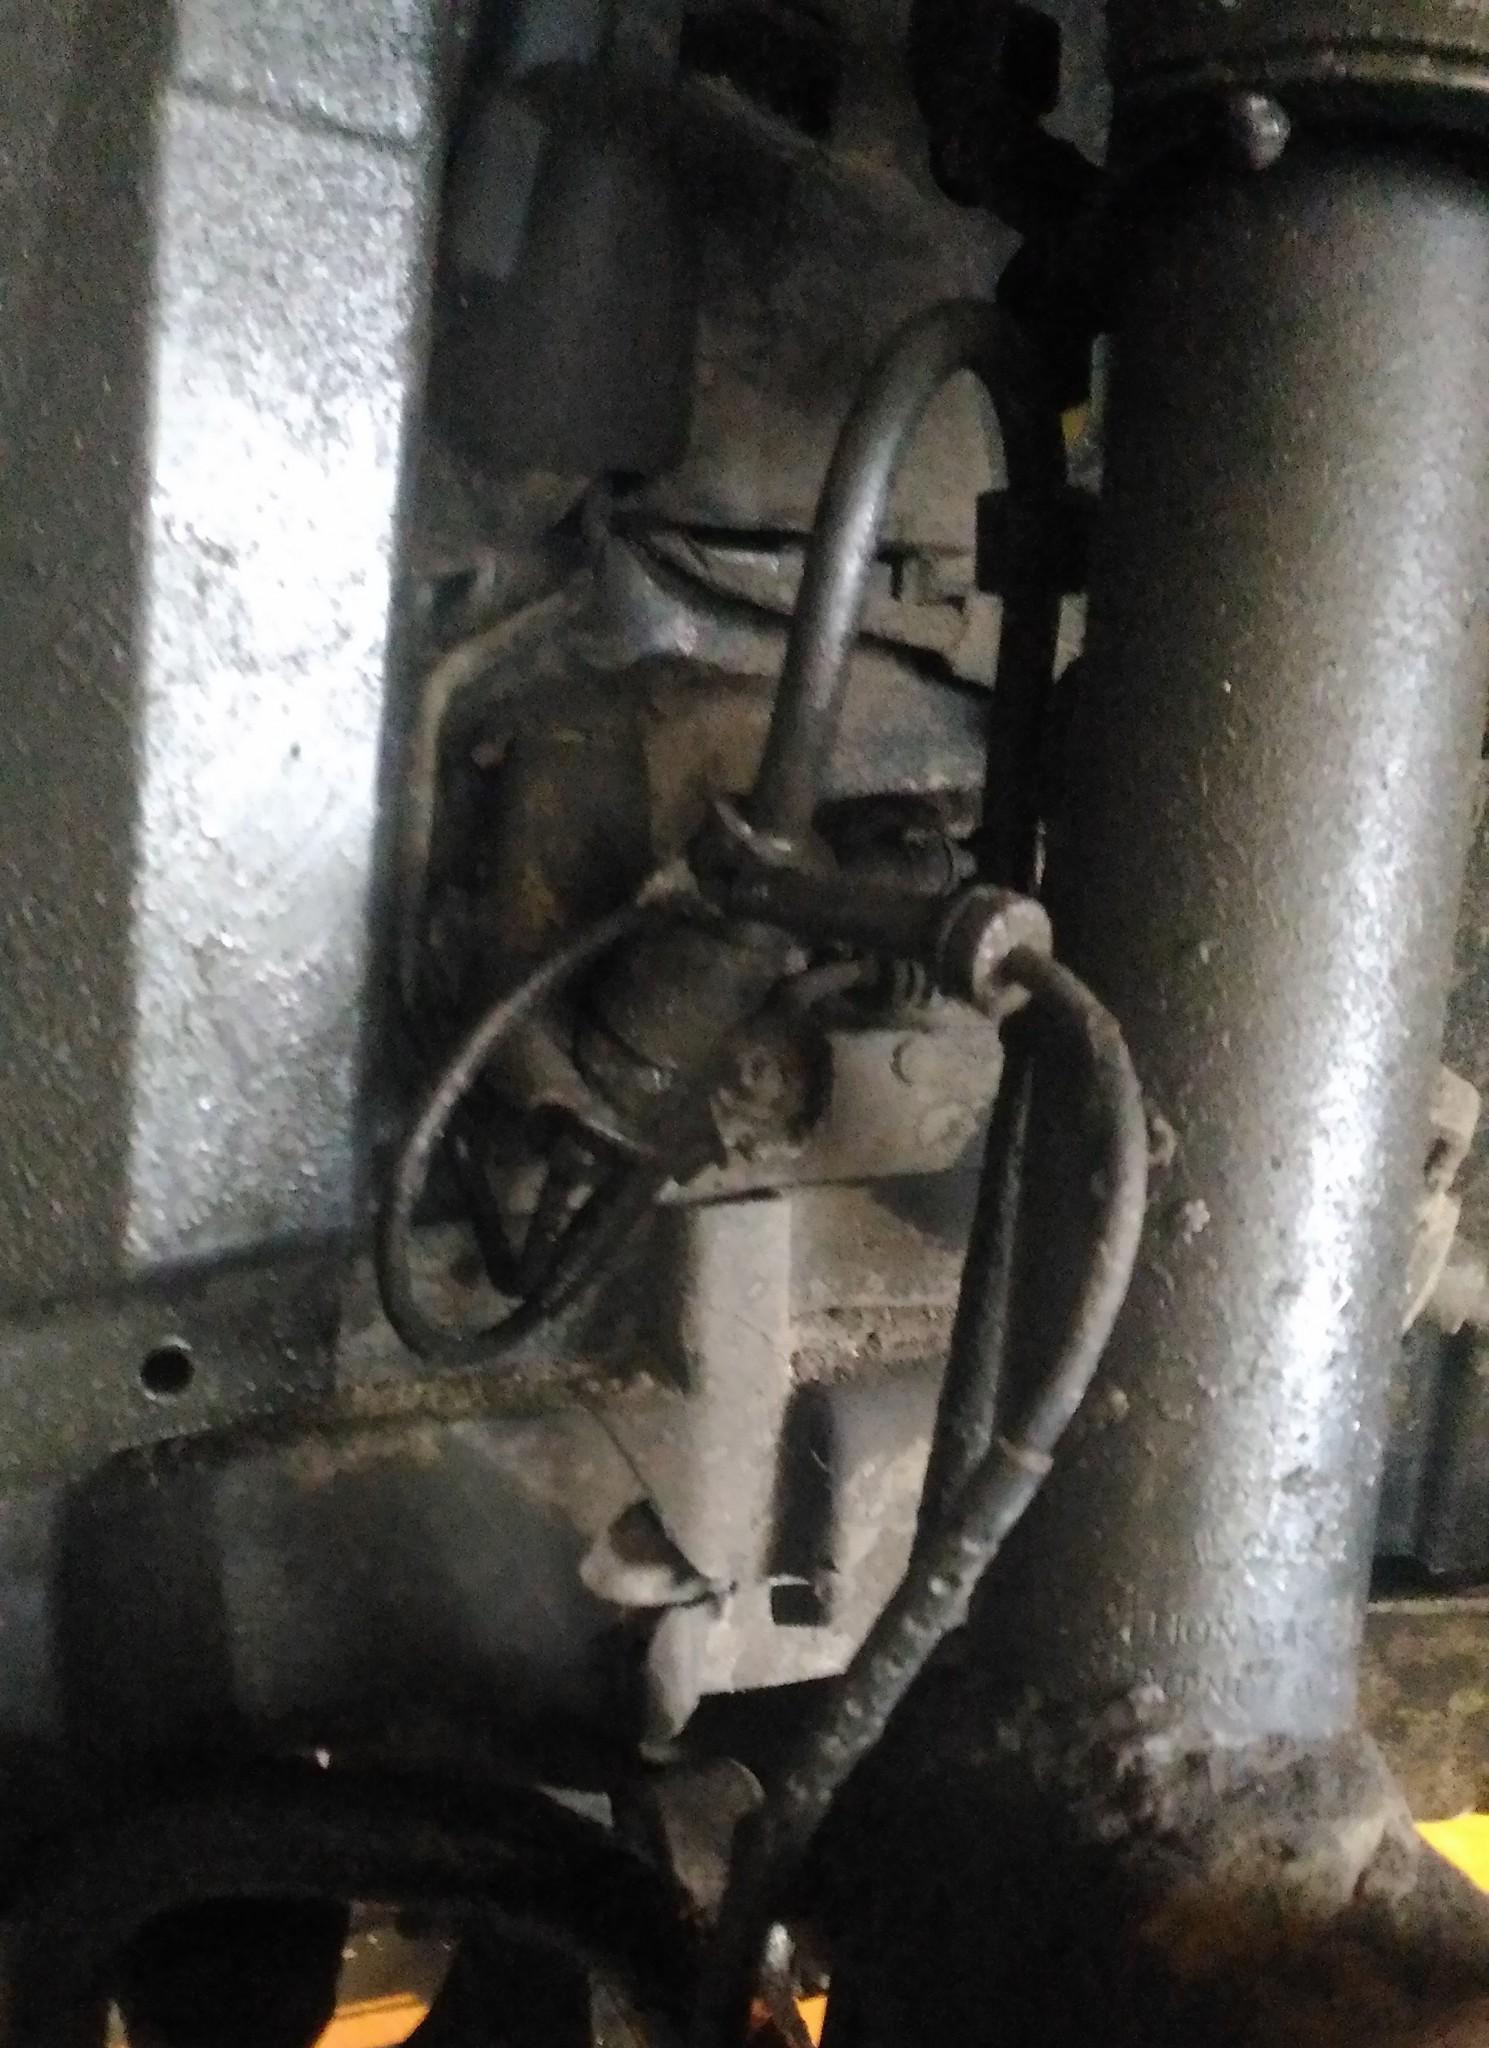 Ремонт тормозной системы БМВ Замена трубок